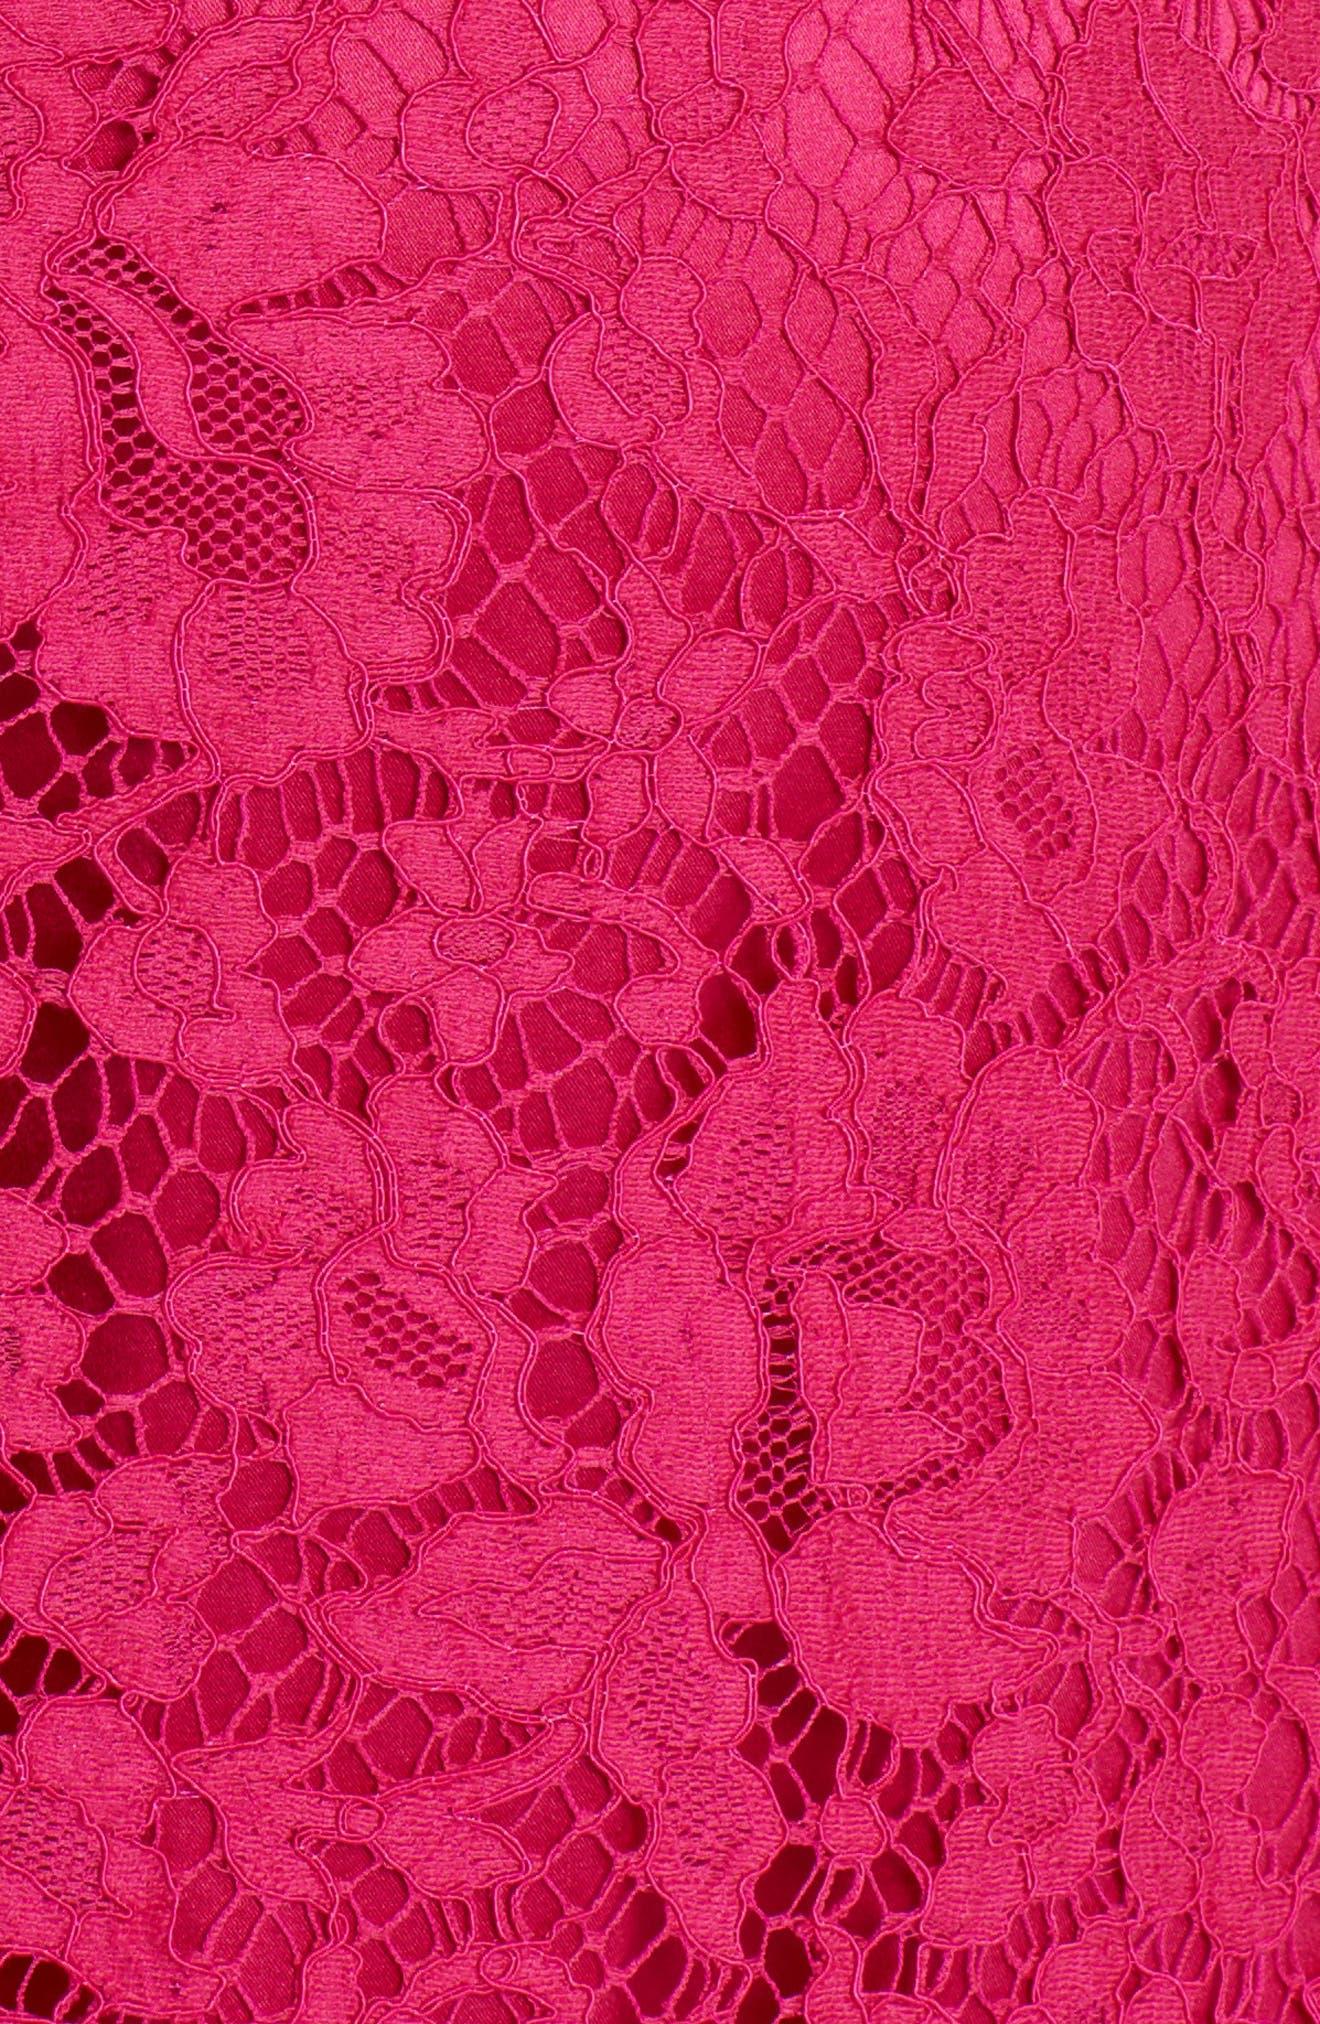 Lace A-Line Dress,                             Alternate thumbnail 5, color,                             651